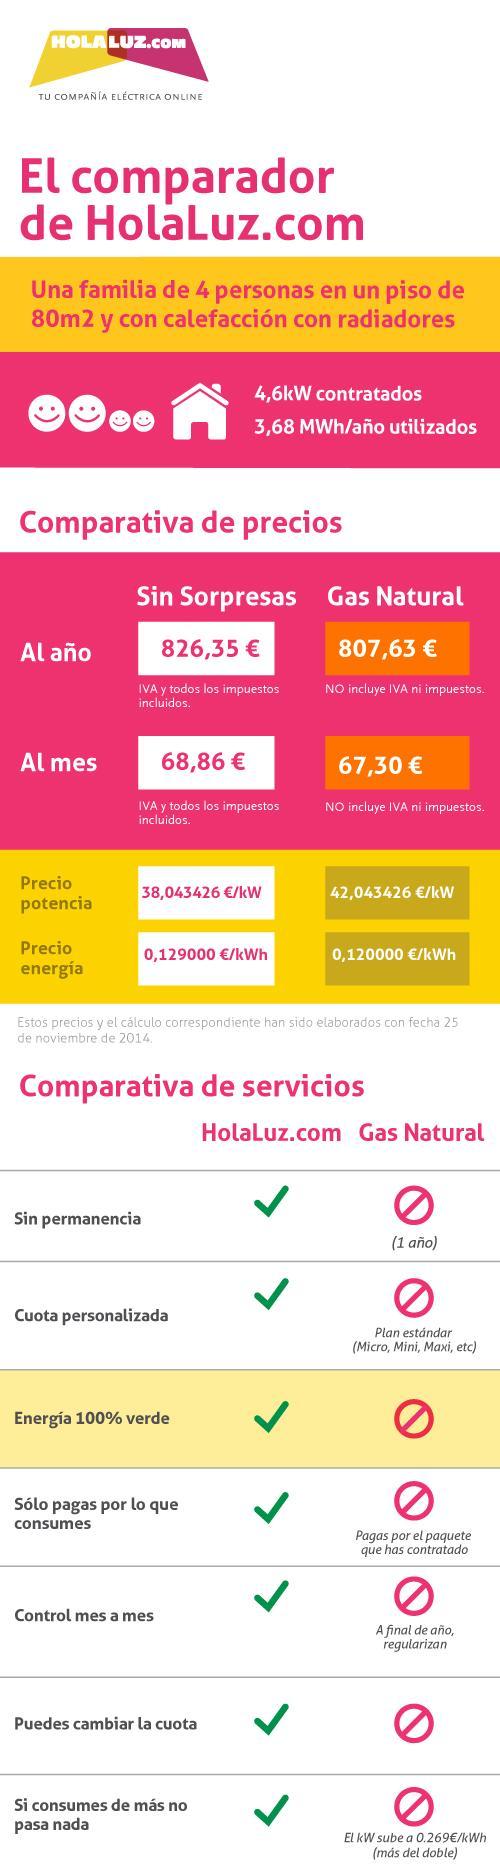 comparador_hlcom_gasnatural